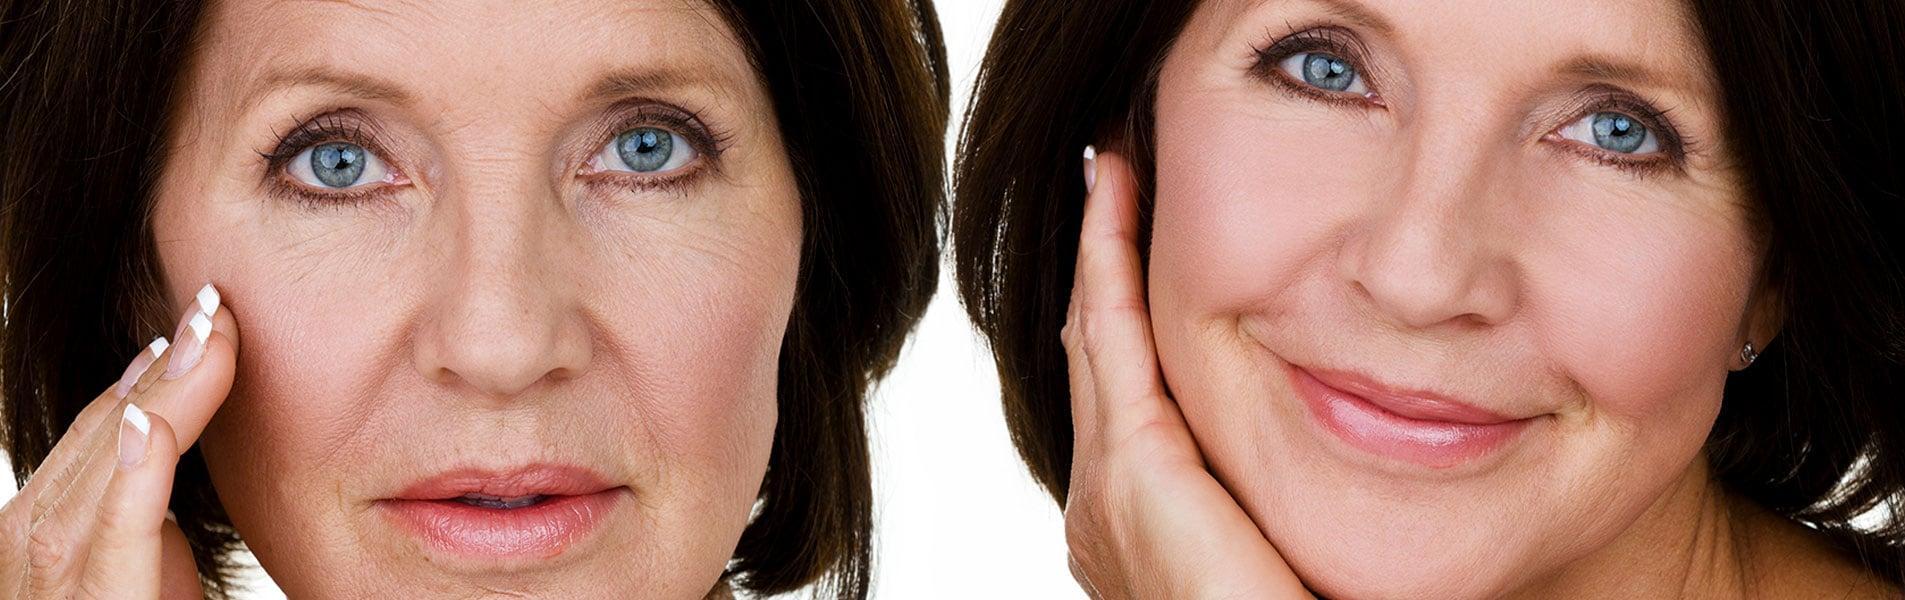 Cirugía para el Envejecimiento Facial - Dr. Alejandro Silvestre